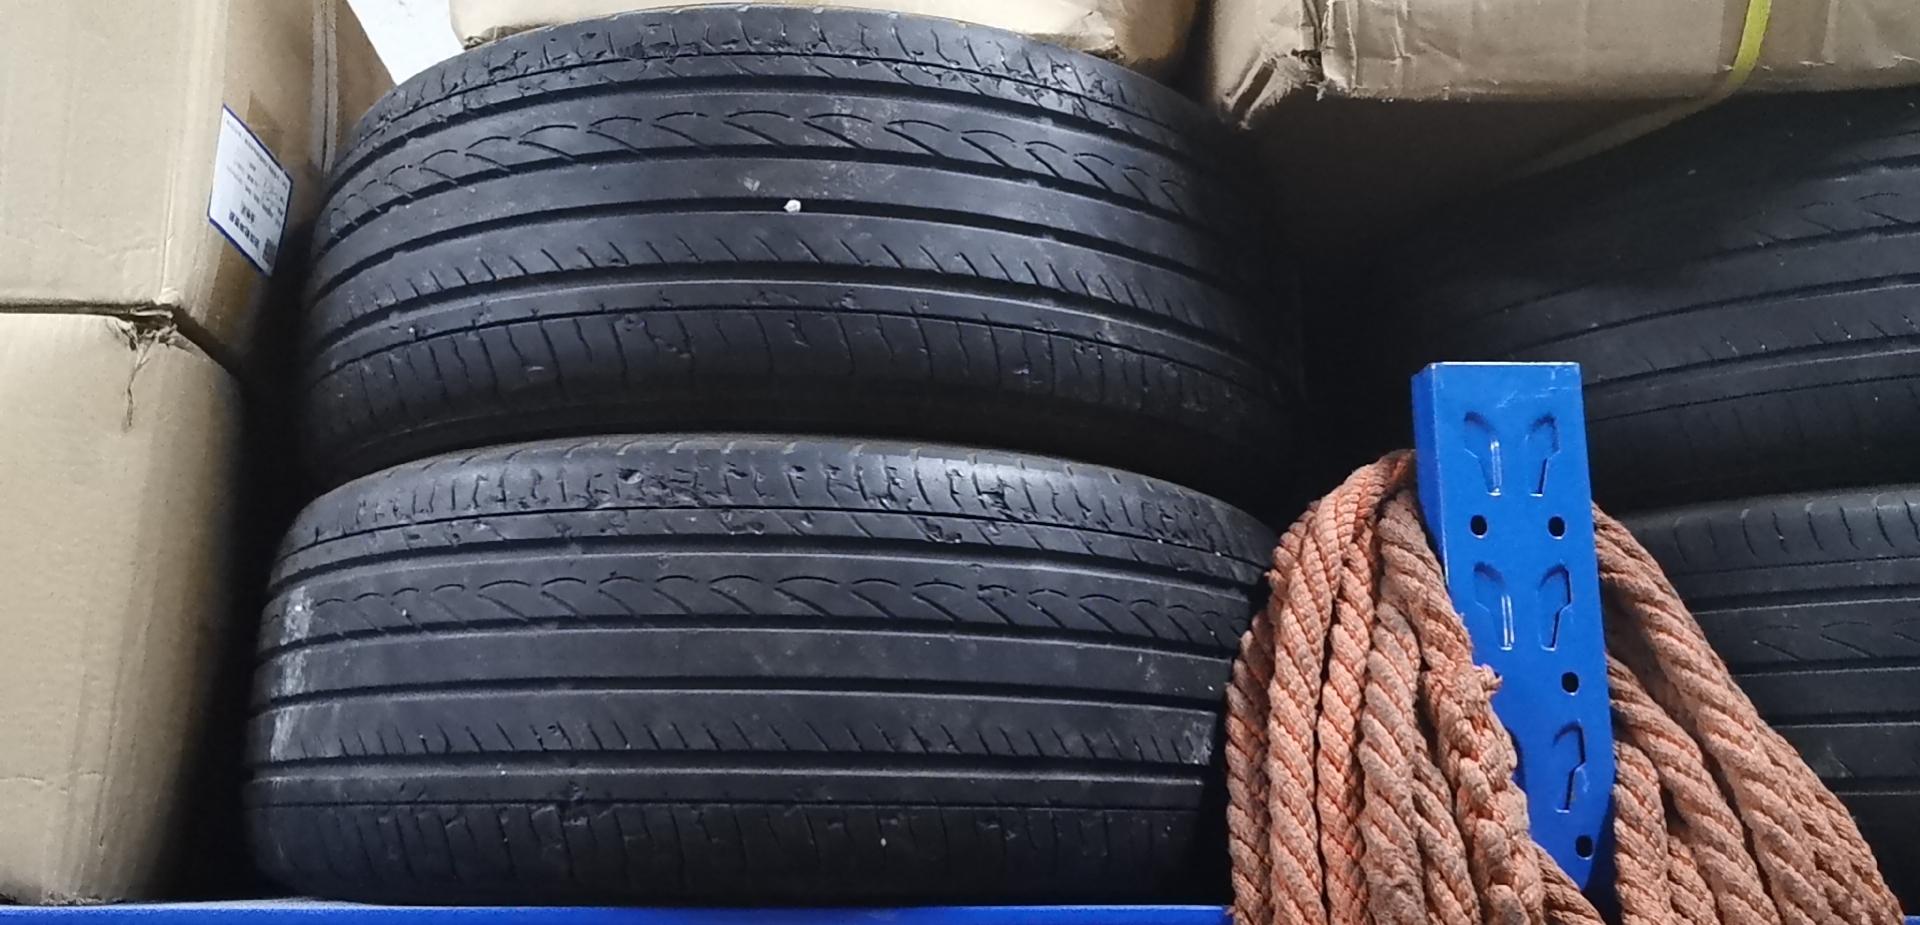 本田-思域 輪胎在四萬多公里就磨損掉皮很嚴重還有鼓包